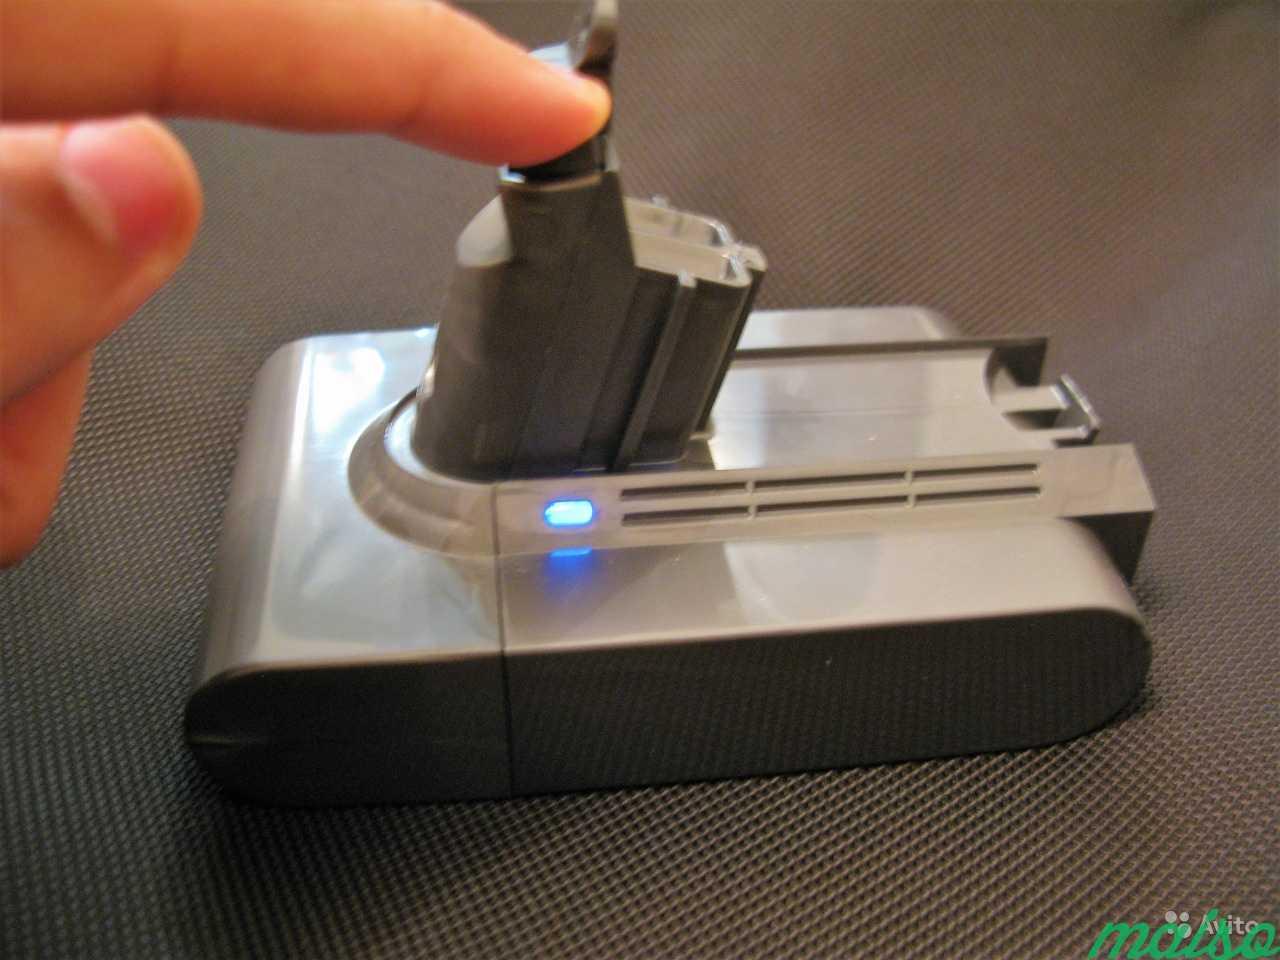 Замена аккумулятора на пылесосе дайсон дайсон пылесос купить в липецке